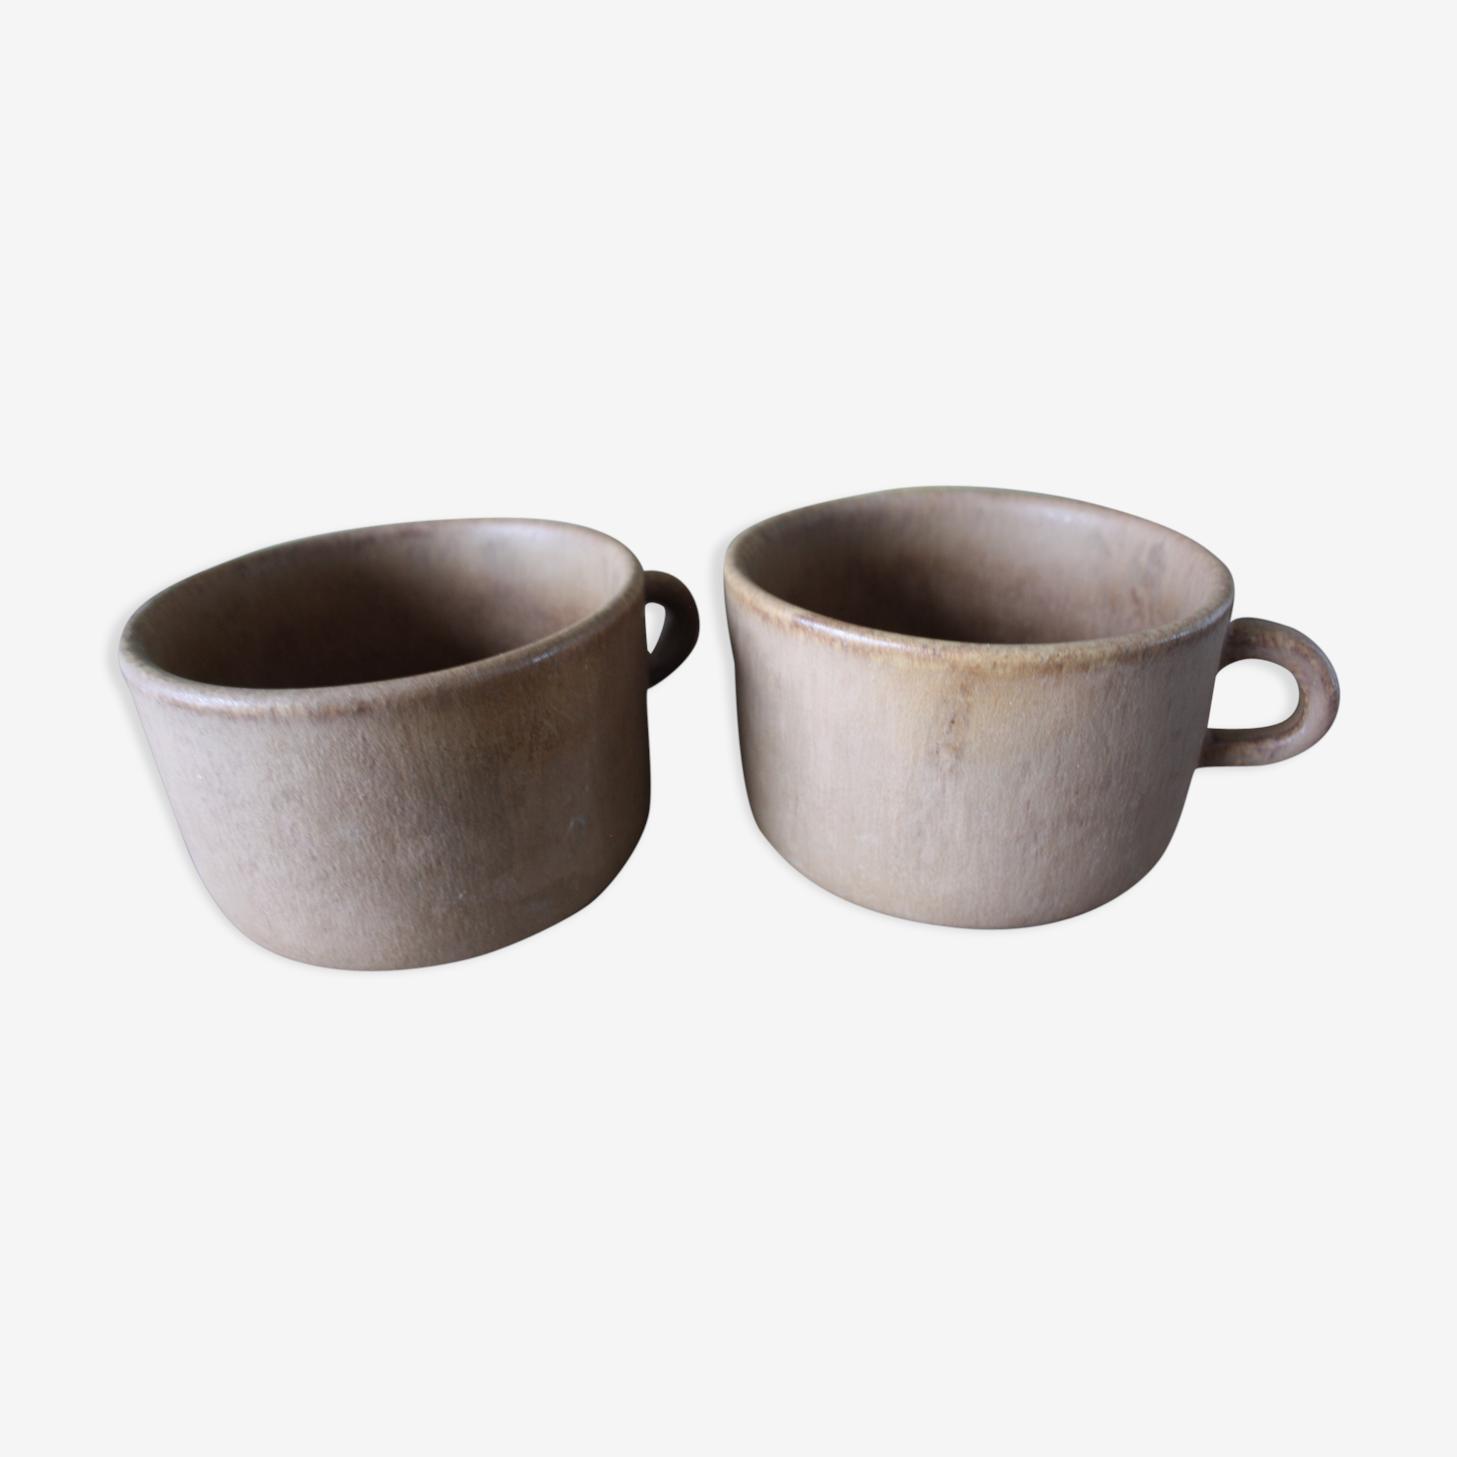 Pair of stoneware mugs